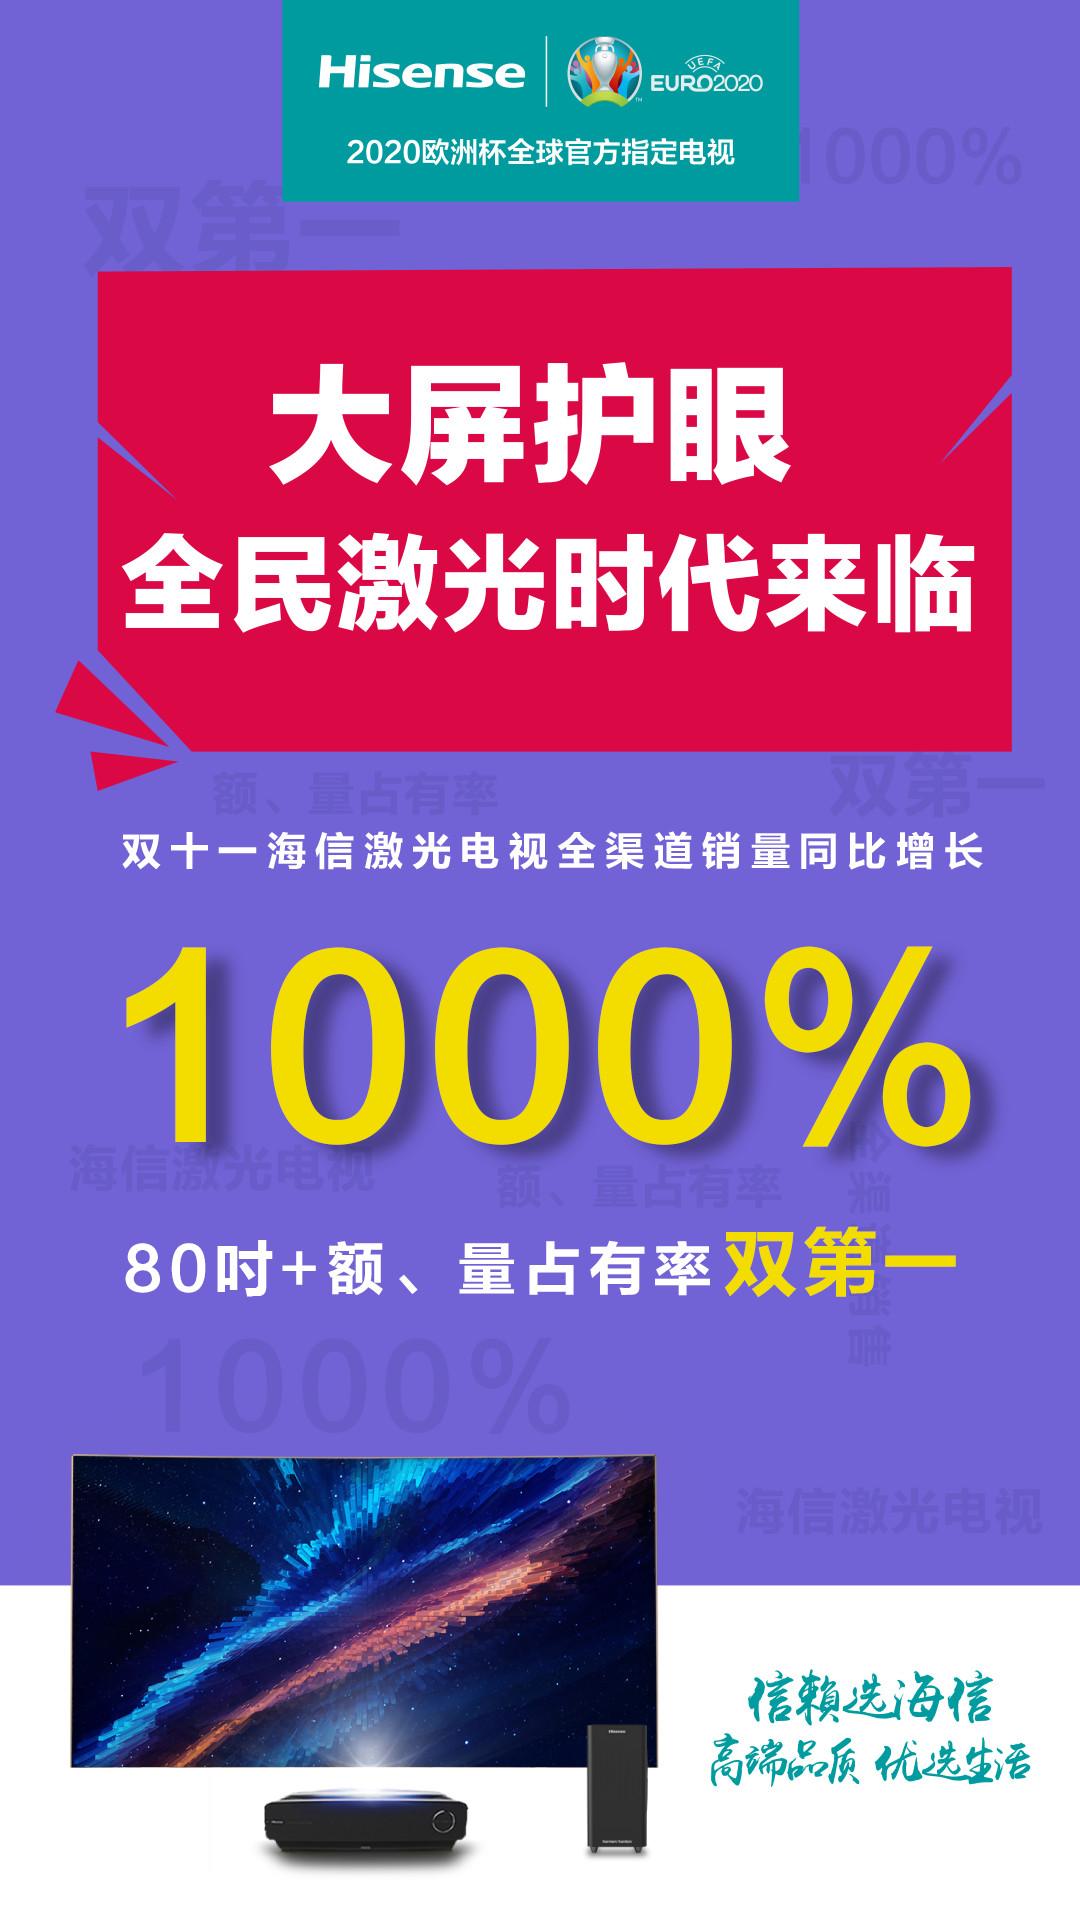 智能技术助力 海信激光电视双十一销量同比增10倍